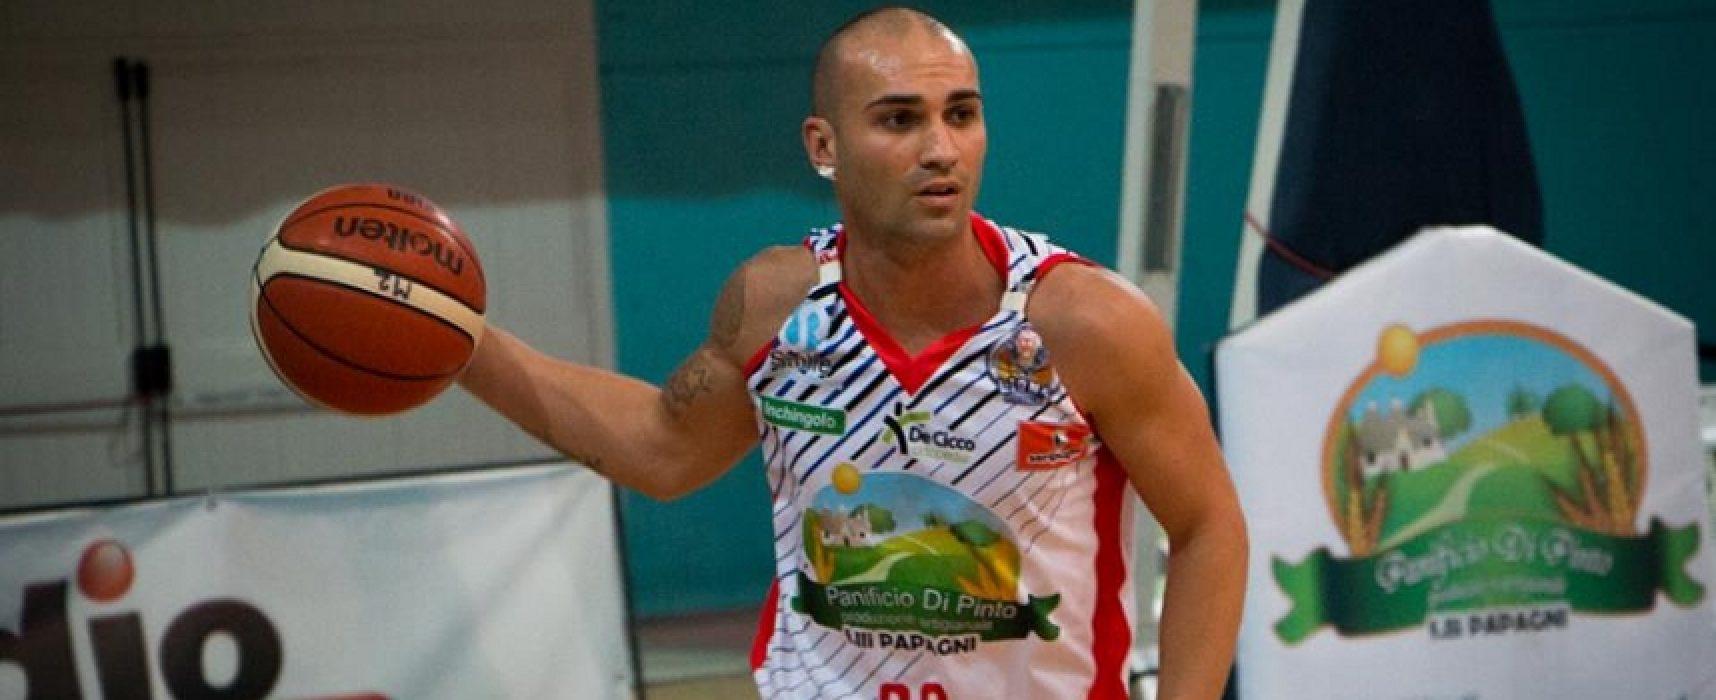 Di Pinto Panifici, a Campli per proseguire nella rincorsa al secondo posto